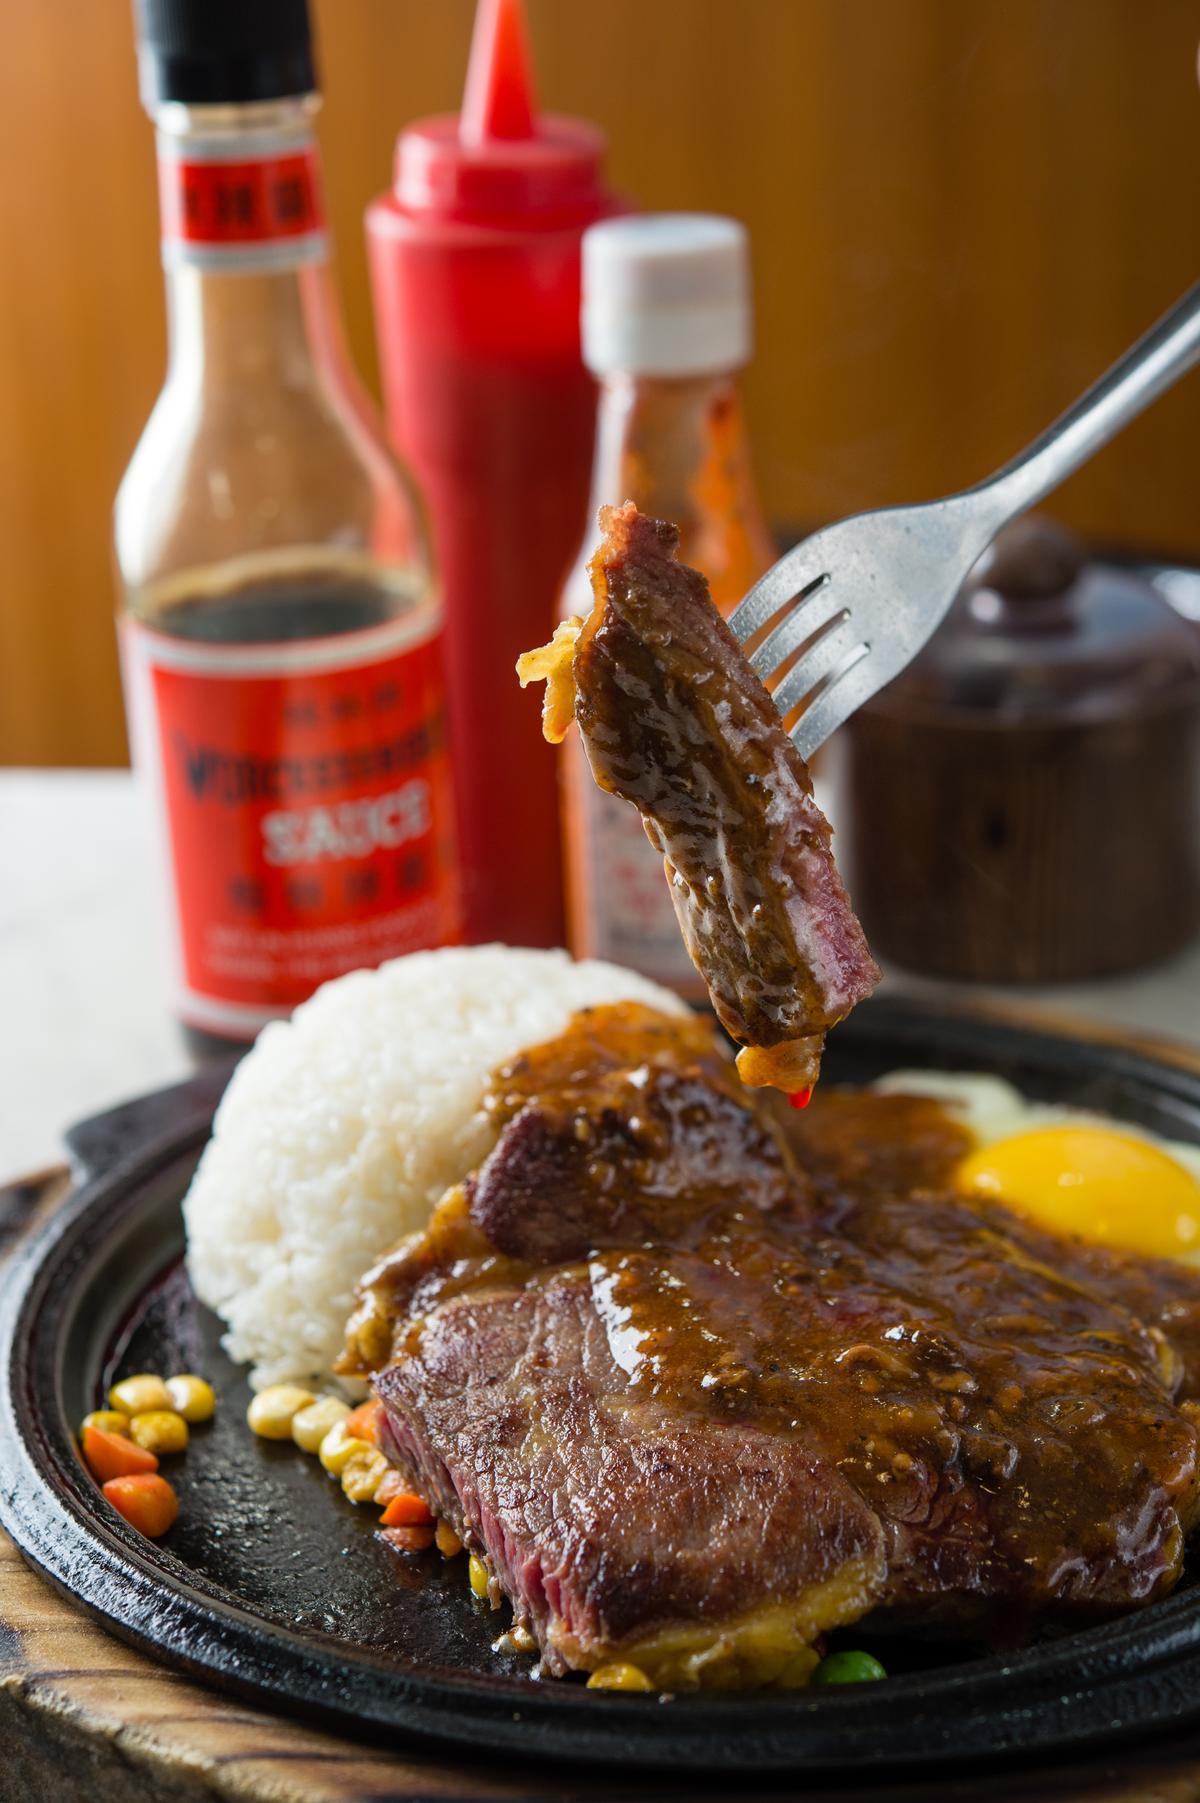 熱燙上桌還發出「煞斯煞斯」聲音的「6盎司沙朗牛排飯」,牛排表面赤赤,油筋細彈,還搭配白飯就怕客人沒吃飽,超澎湃的台式牛排讓人好滿足過癮。(160元/份)